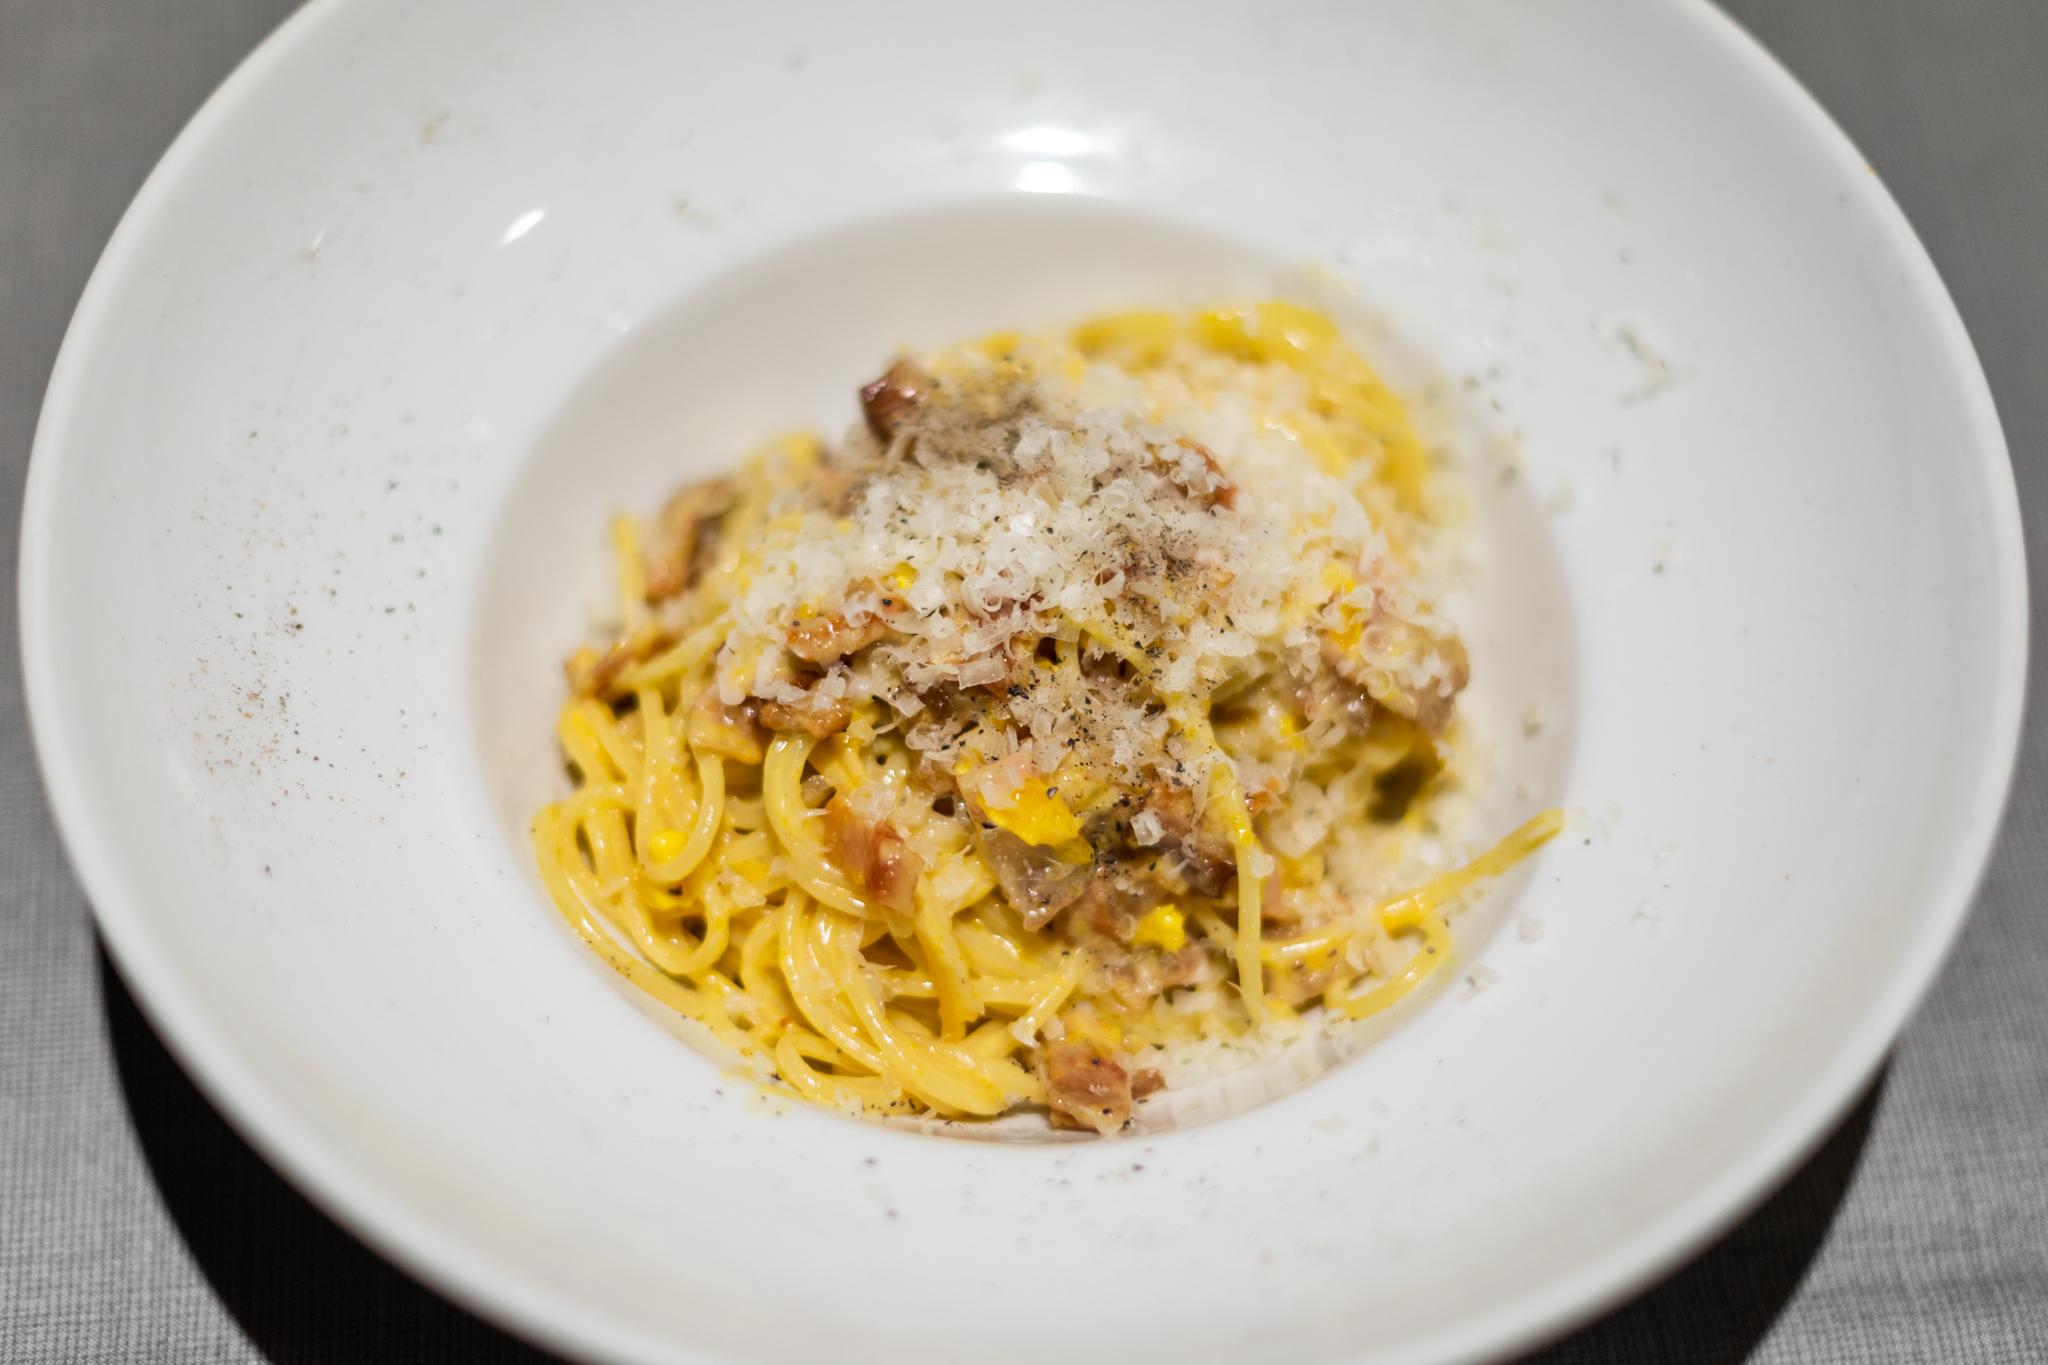 Ristorante Pizzeria Galeone d'oro - 30 agosto 2019 - PER WEB-63